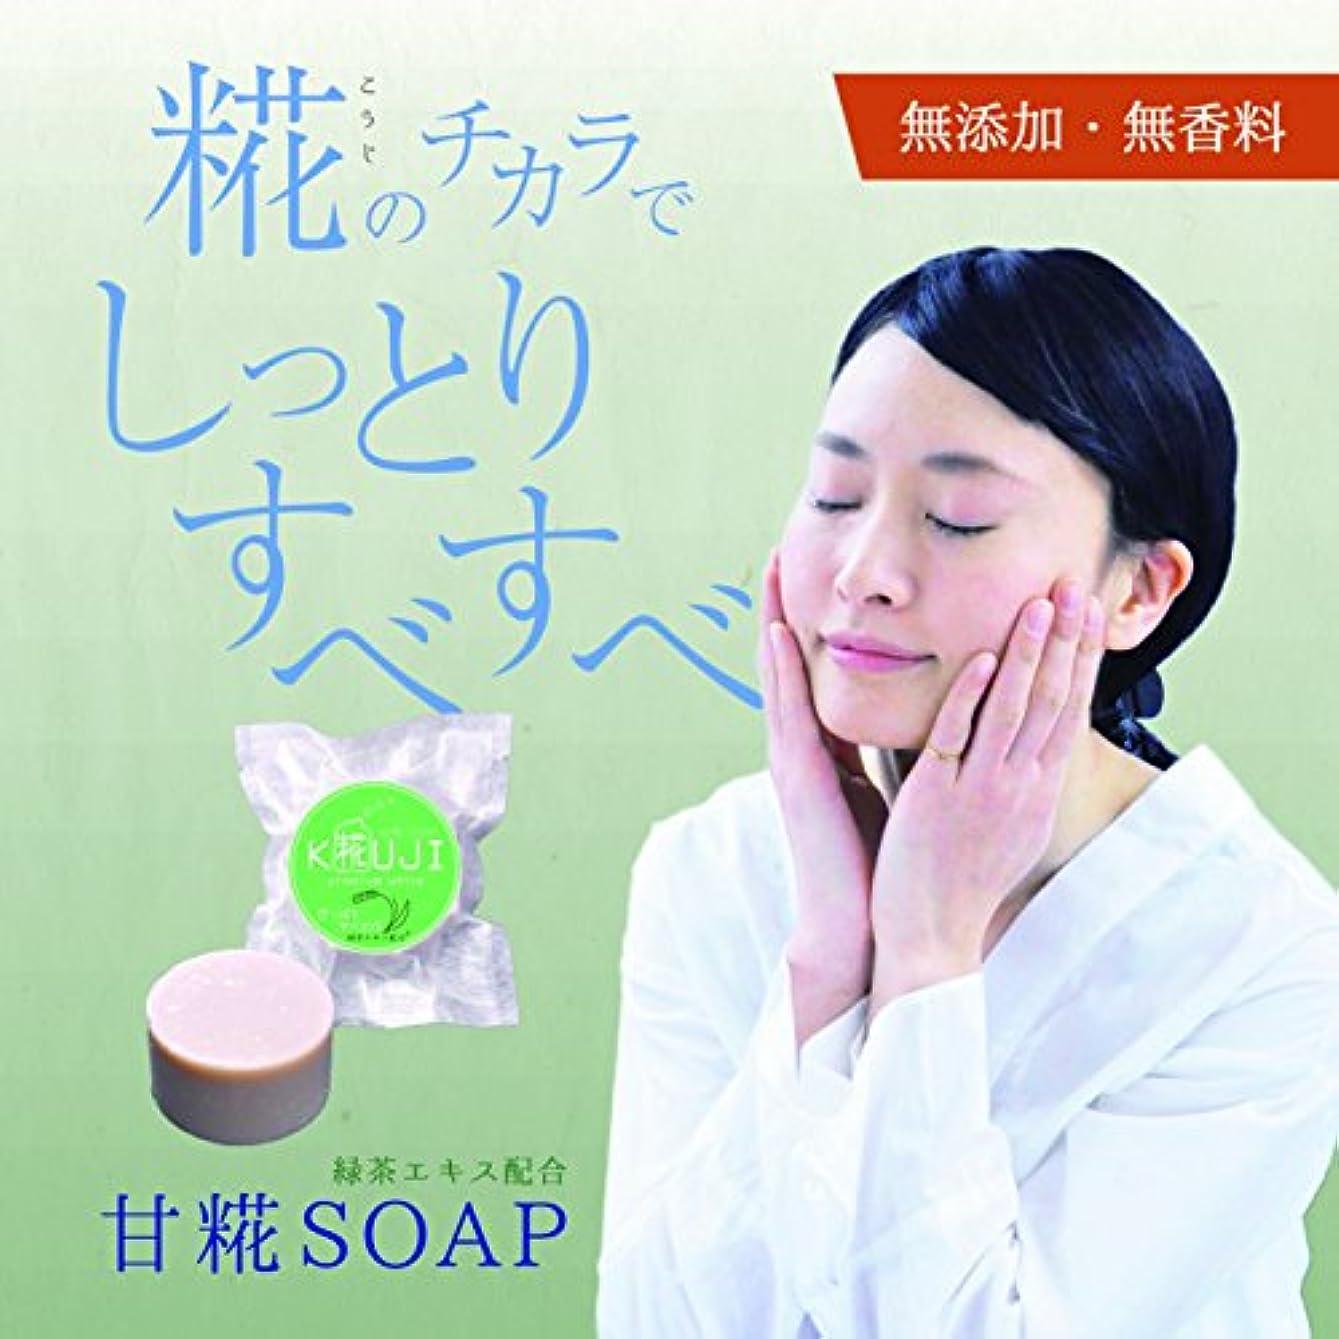 透過性果てしない移植甘糀SOAP(プレミアムホワイト)